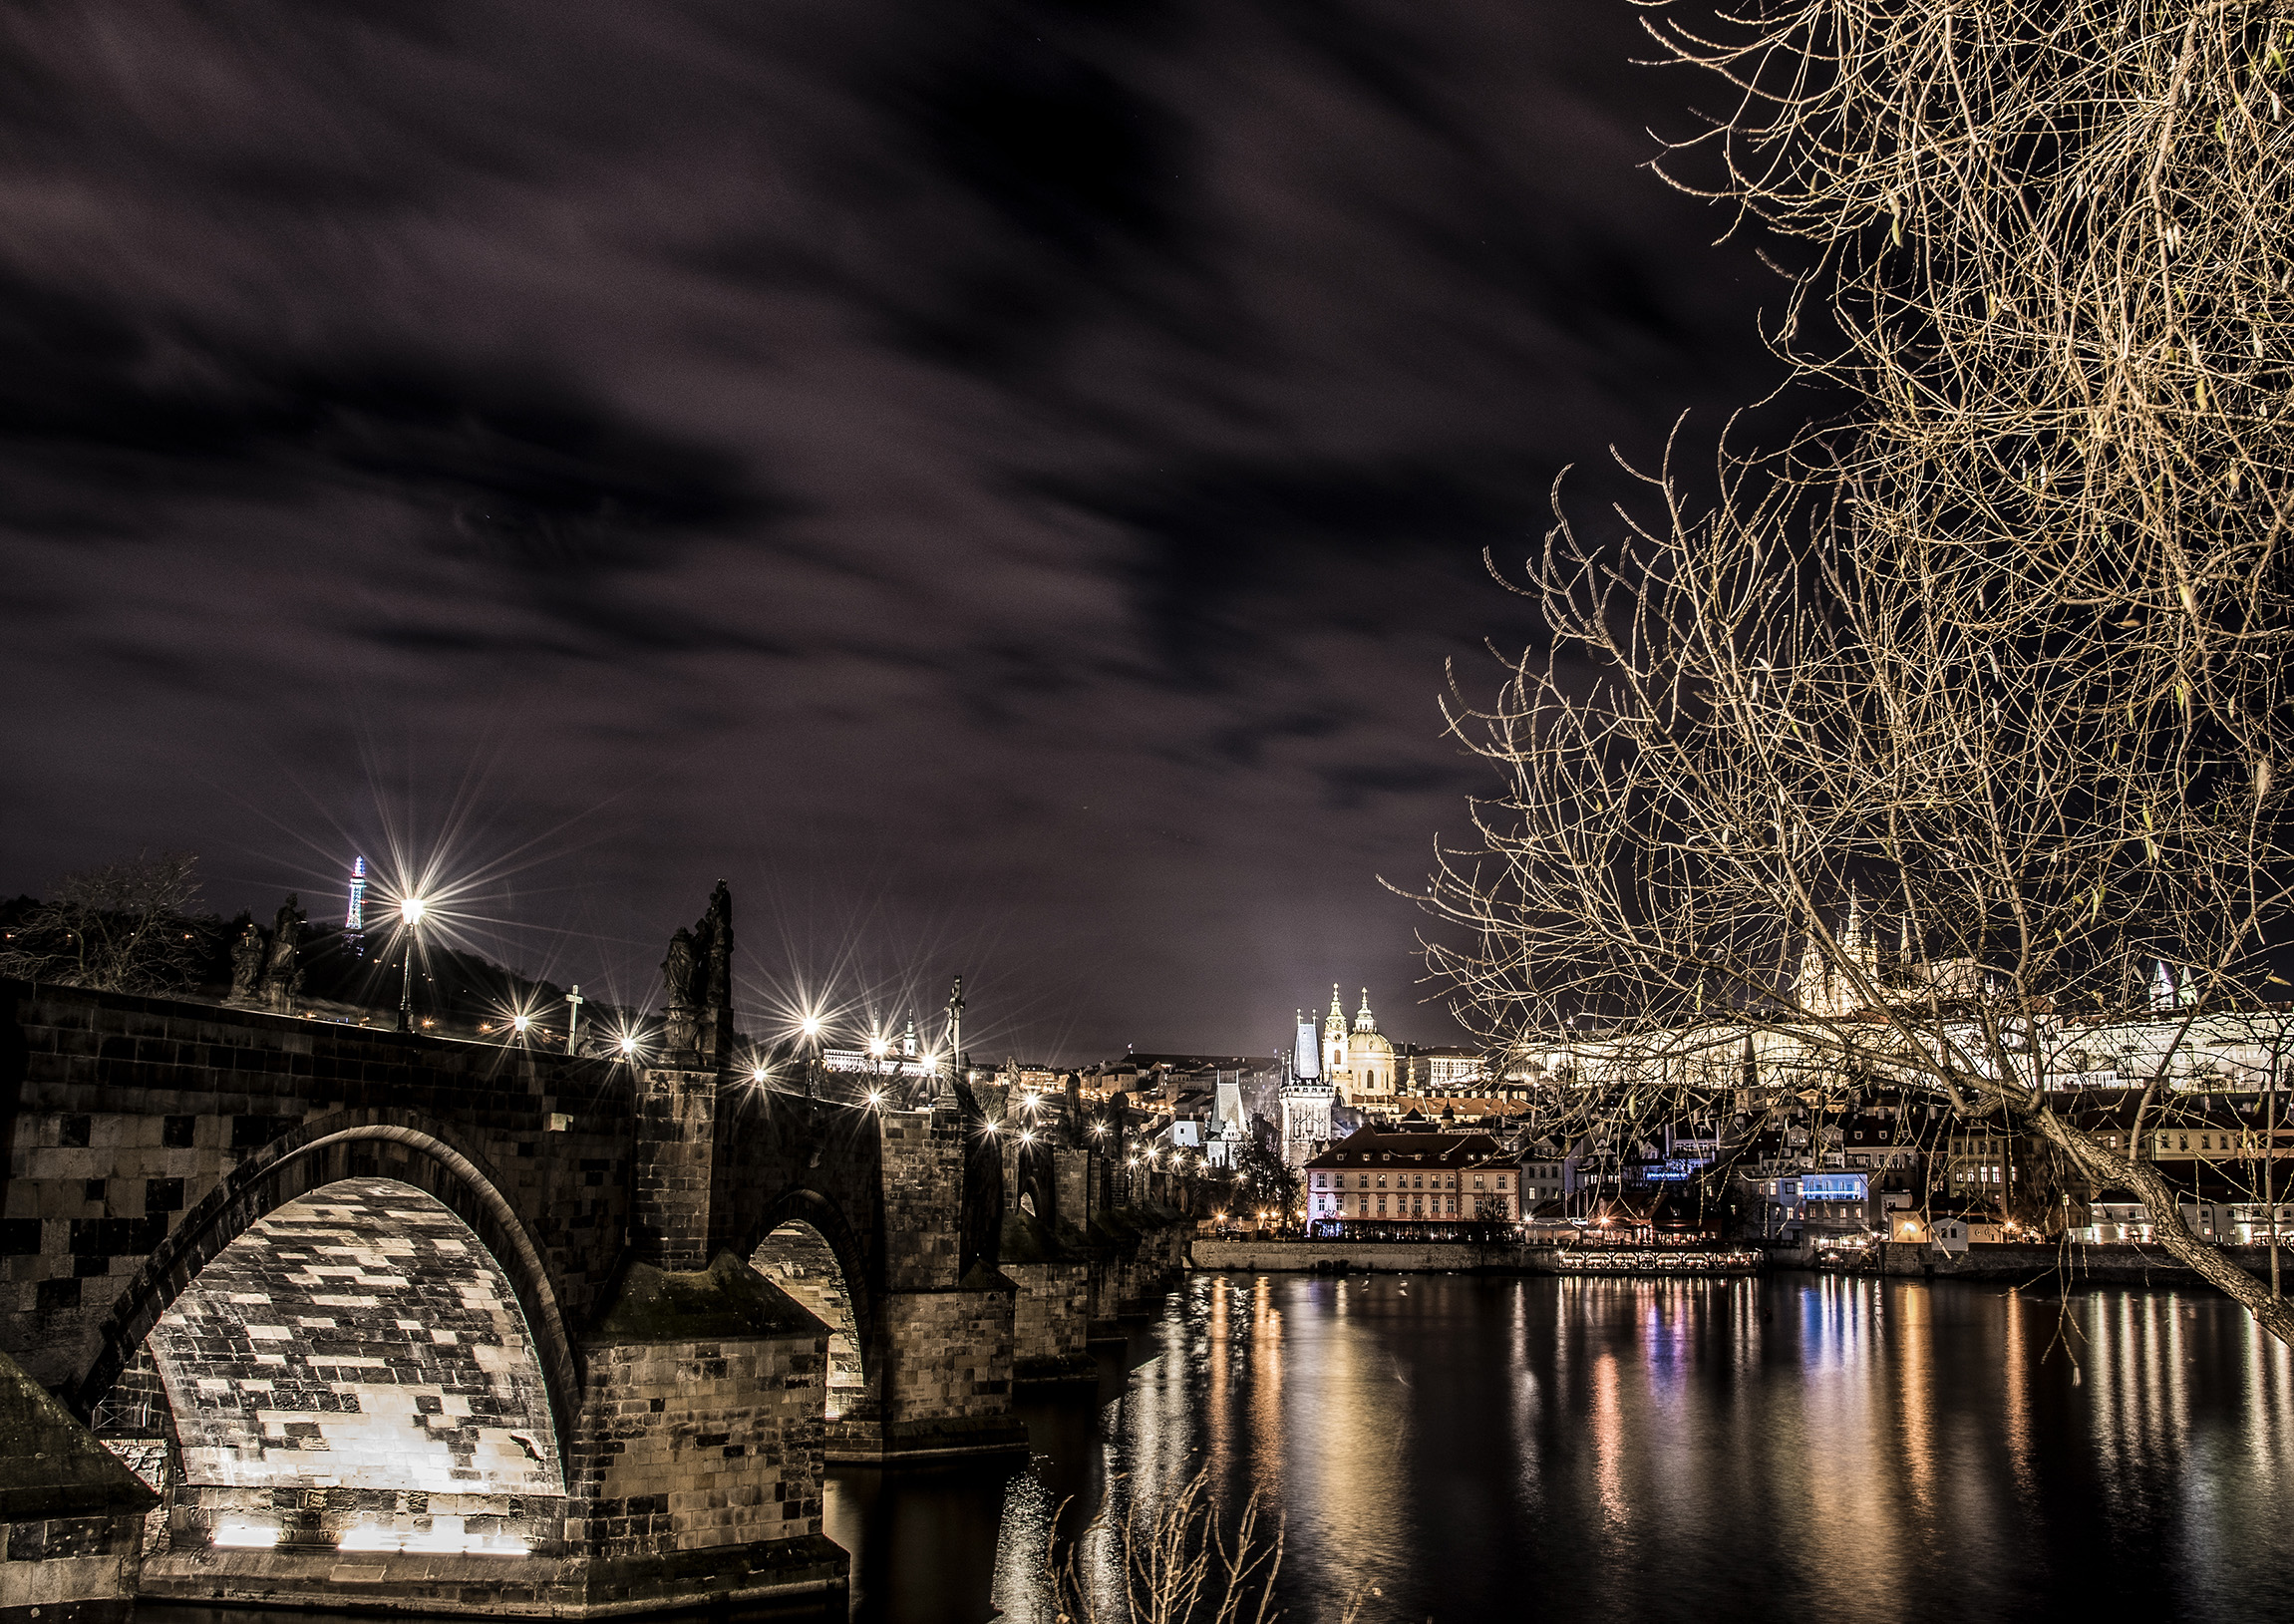 Ponte Carlo di notte